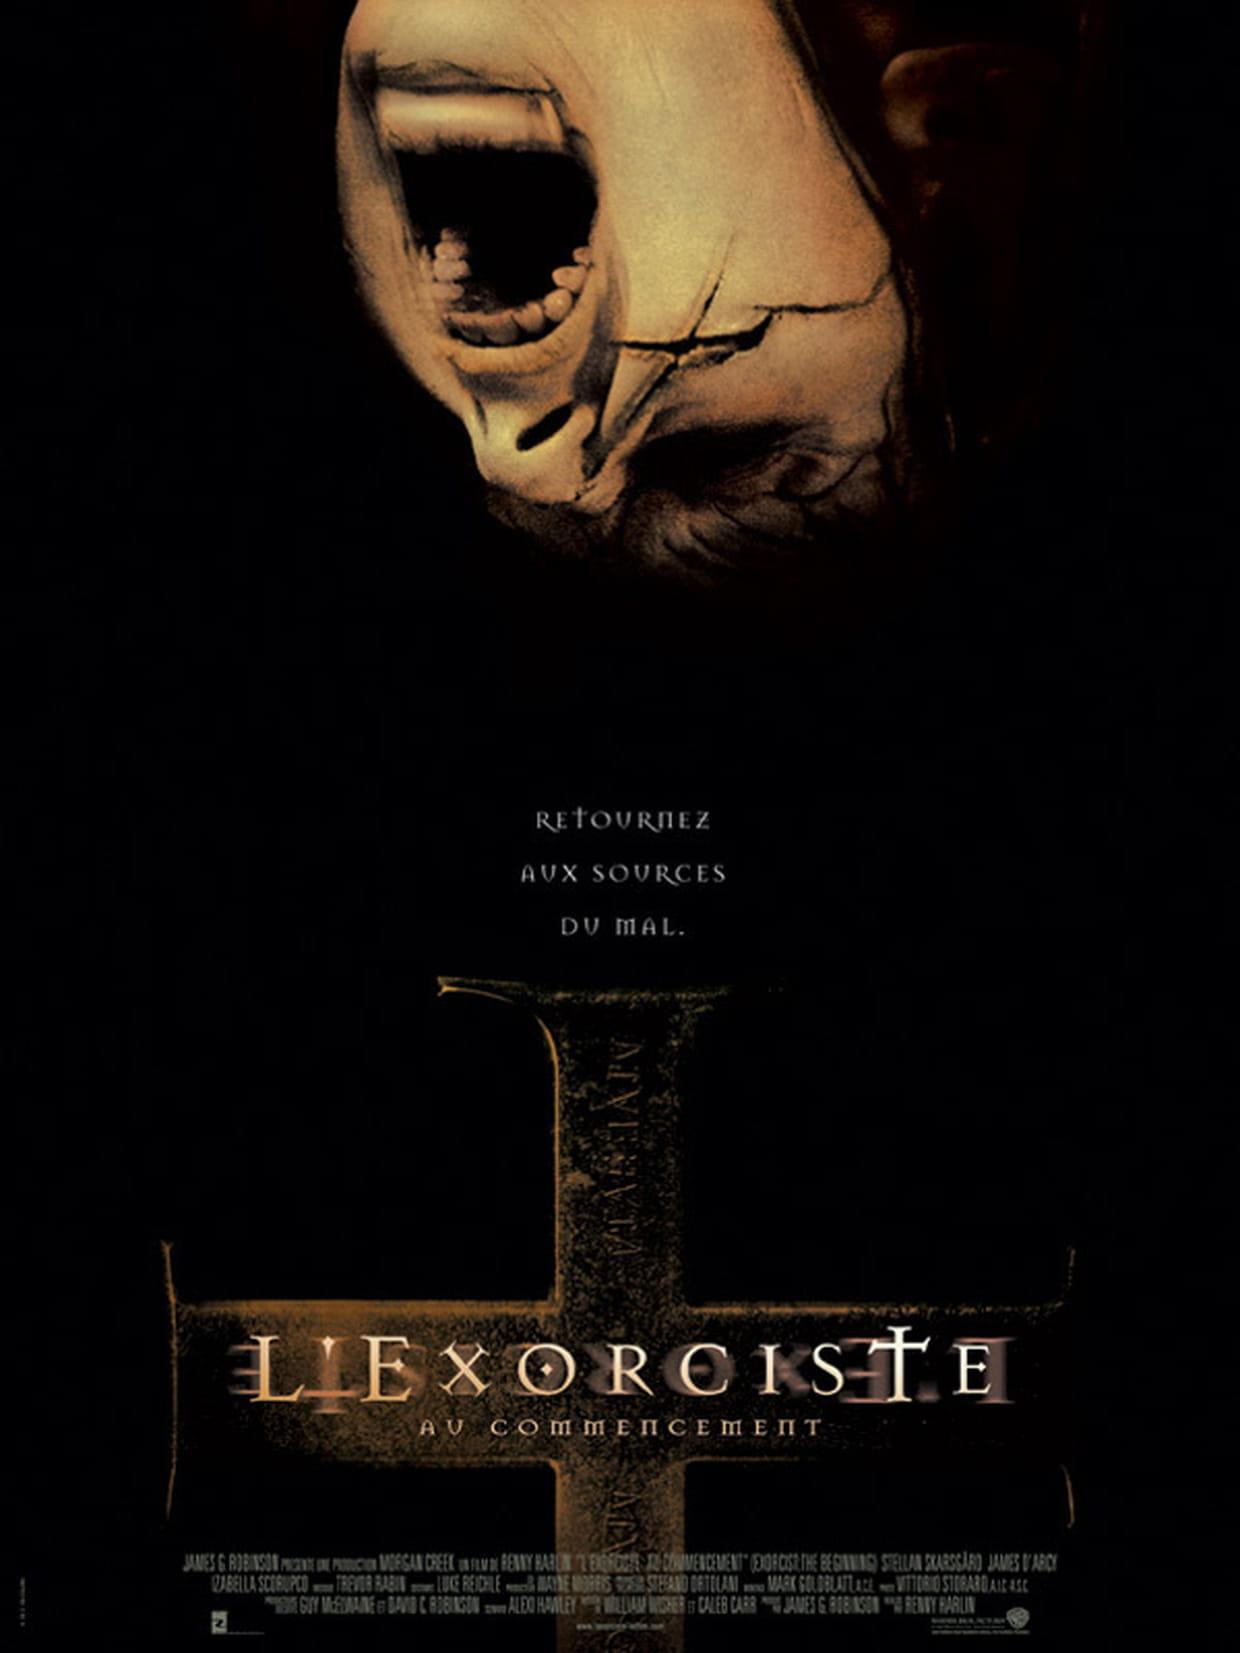 L Exorciste Au Commencement Bande Annonce Du Film Seances Streaming Sortie Avis